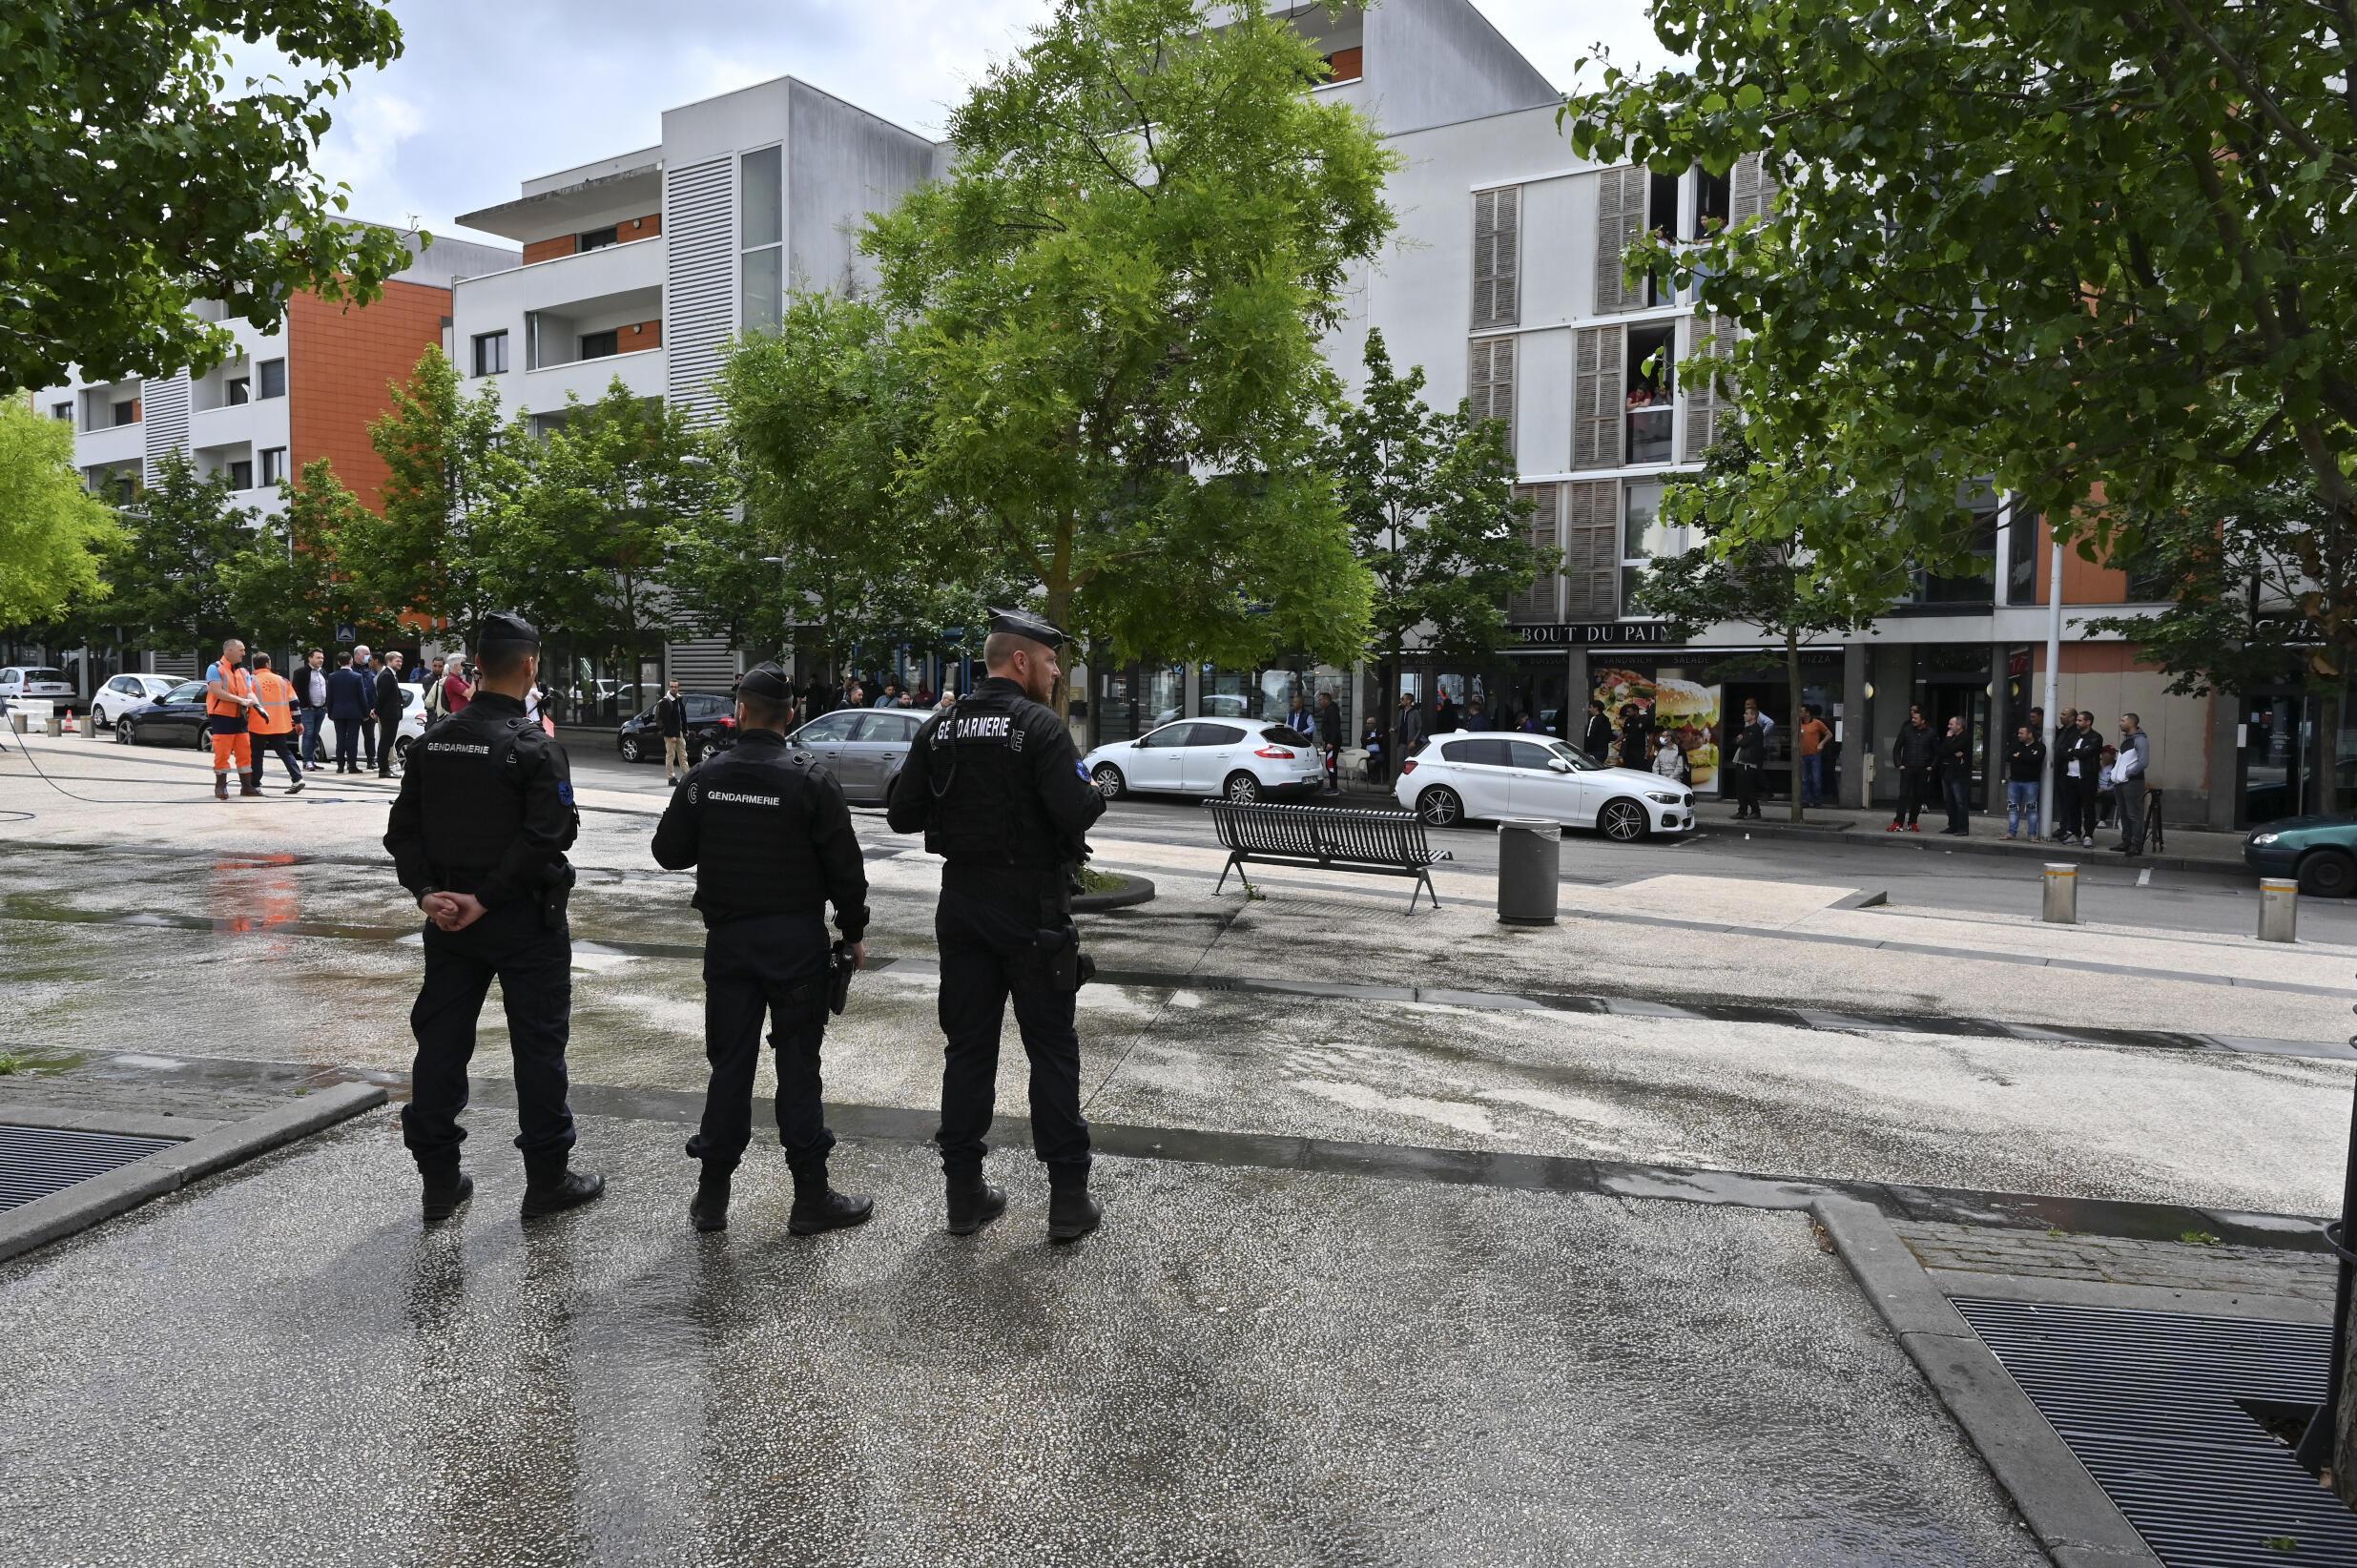 Полицейские в квартале Грязи в Дижоне, где в течение трех дней происходили беспорядки, связанные с конфликтом между чеченской общиной и местными наркодилерами, 16 июня 2020.